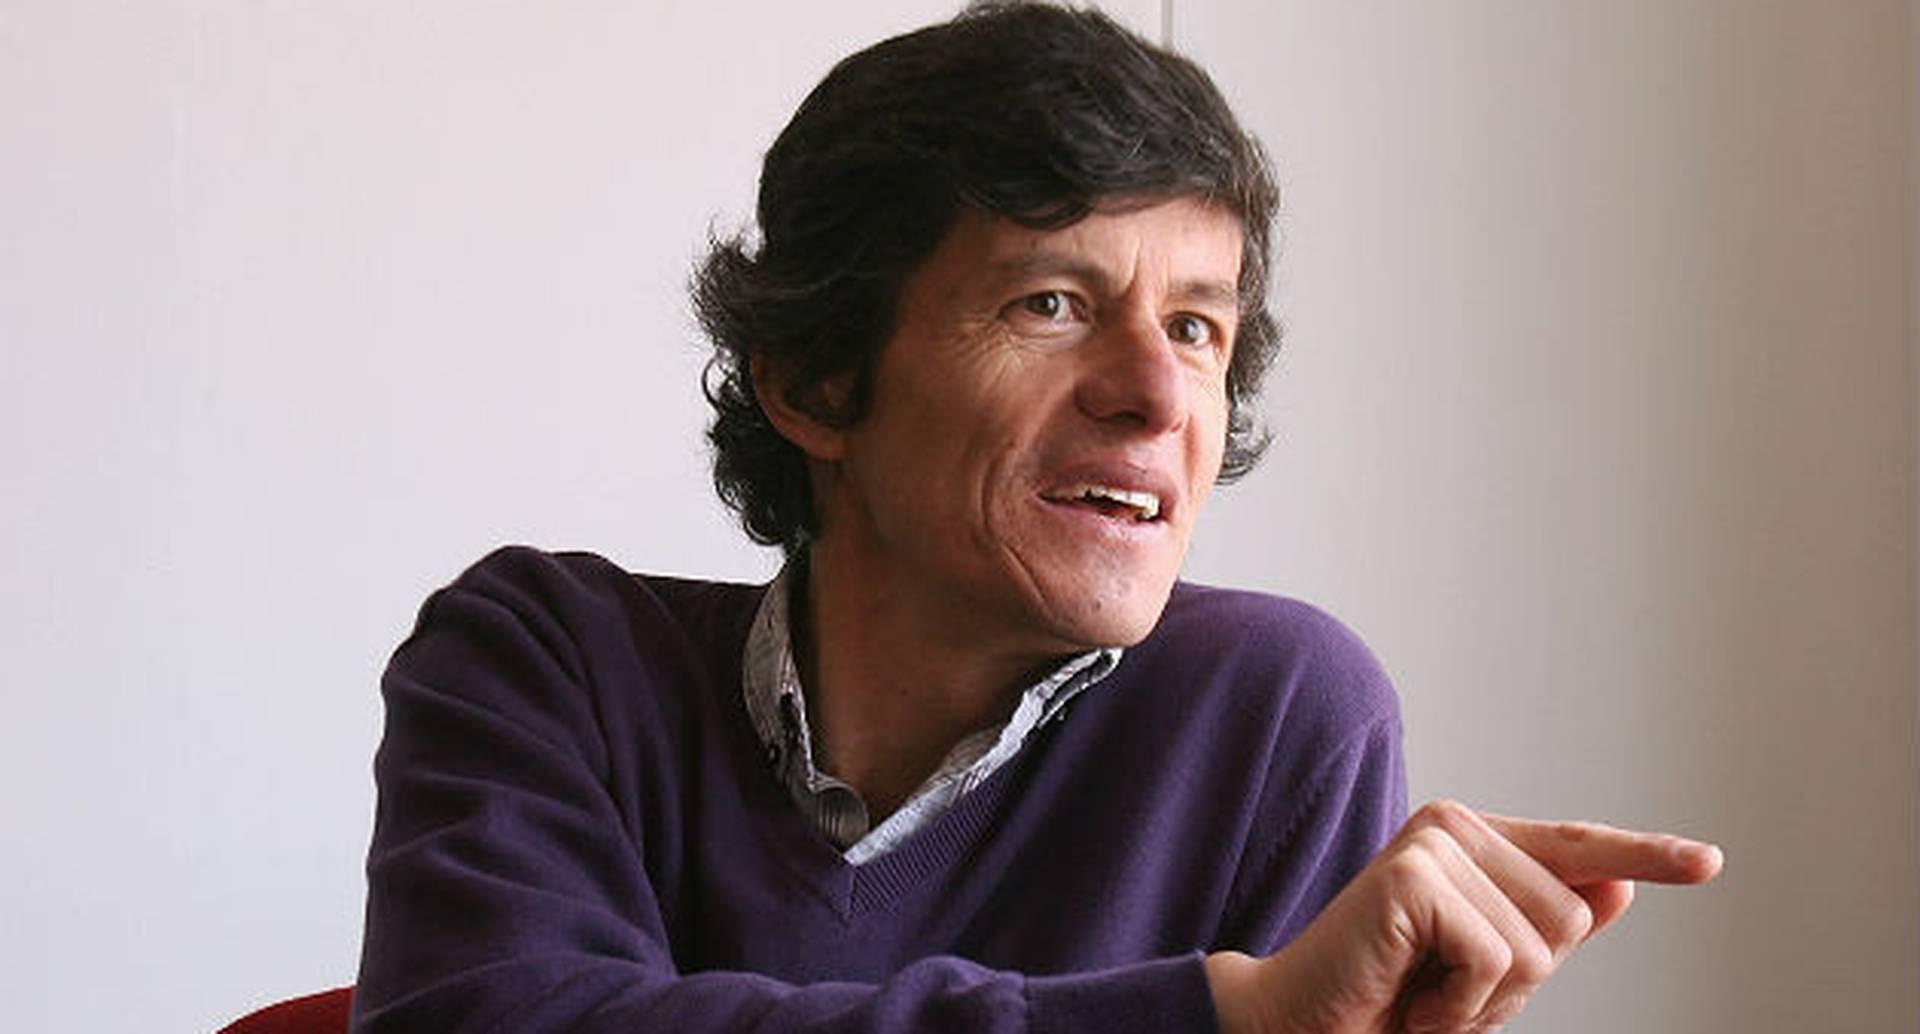 Juan Carlos Flórez, considerado el mejor concejal de Bogotá, decidió retirarse temporalmente de la política. Estas son sus reflexiones sobre el rumbo de la ciudad y el país.